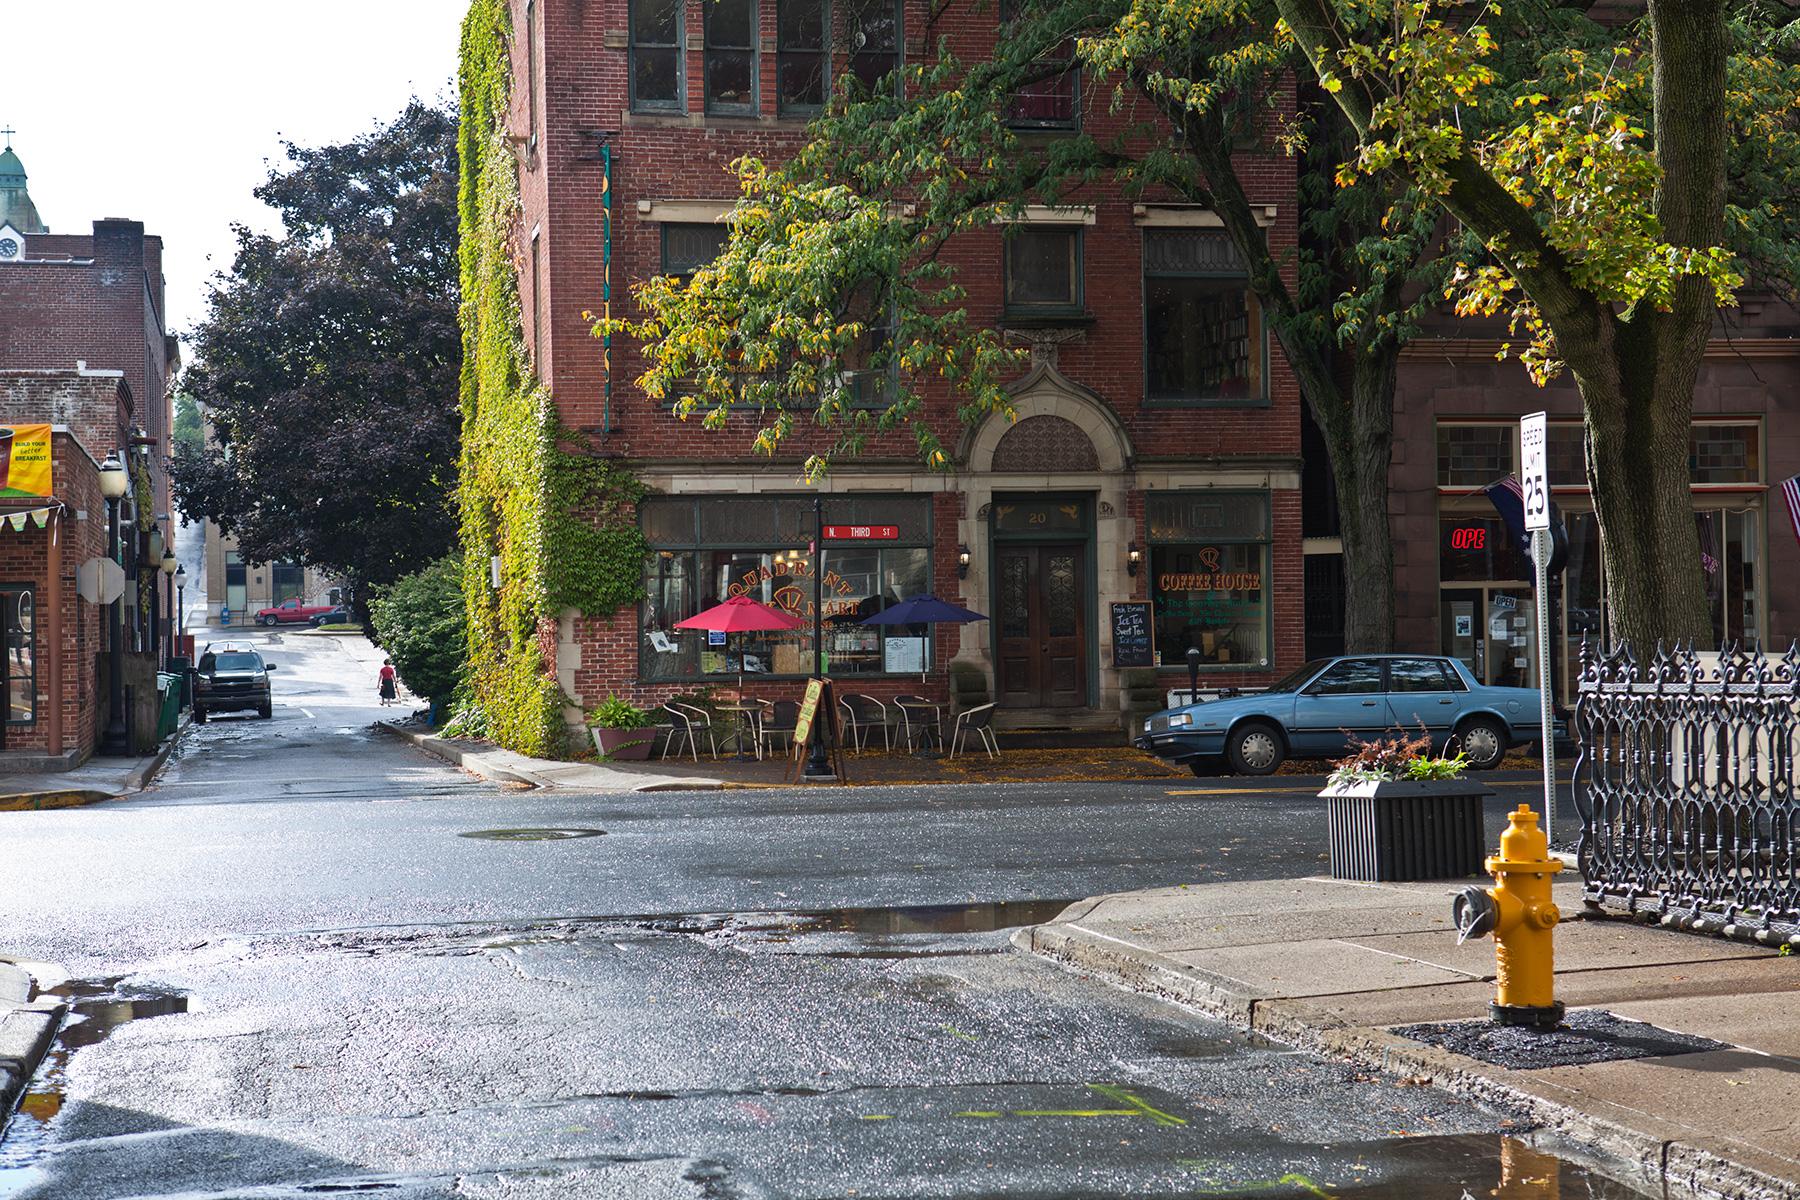 Straßenkreuzung mit Cafe